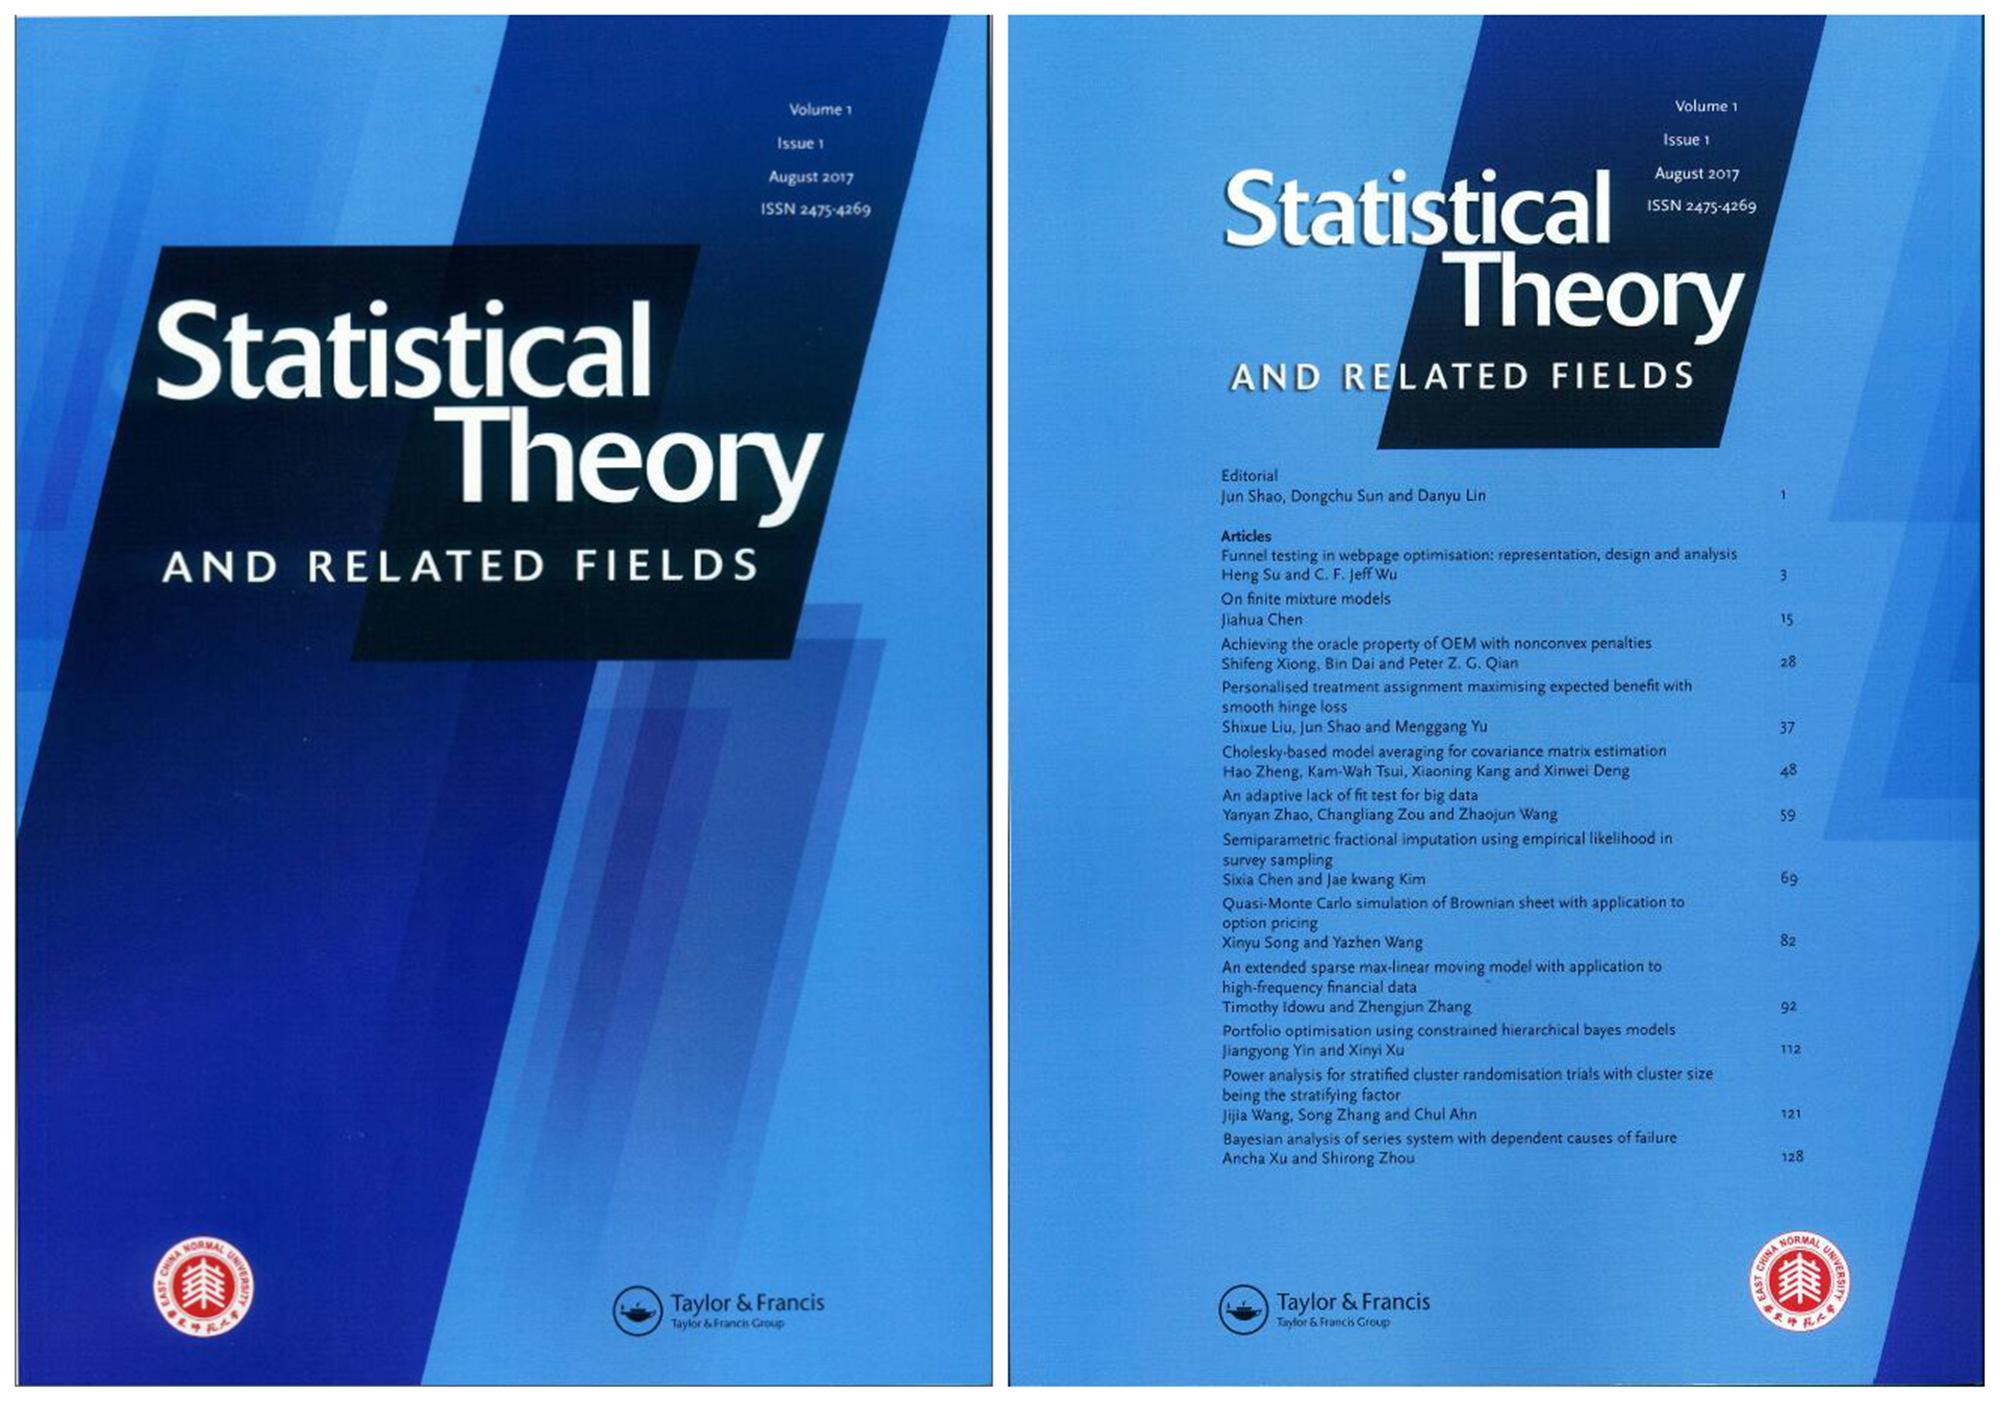 图6,Statistical Theory and Related Fields 杂志封面